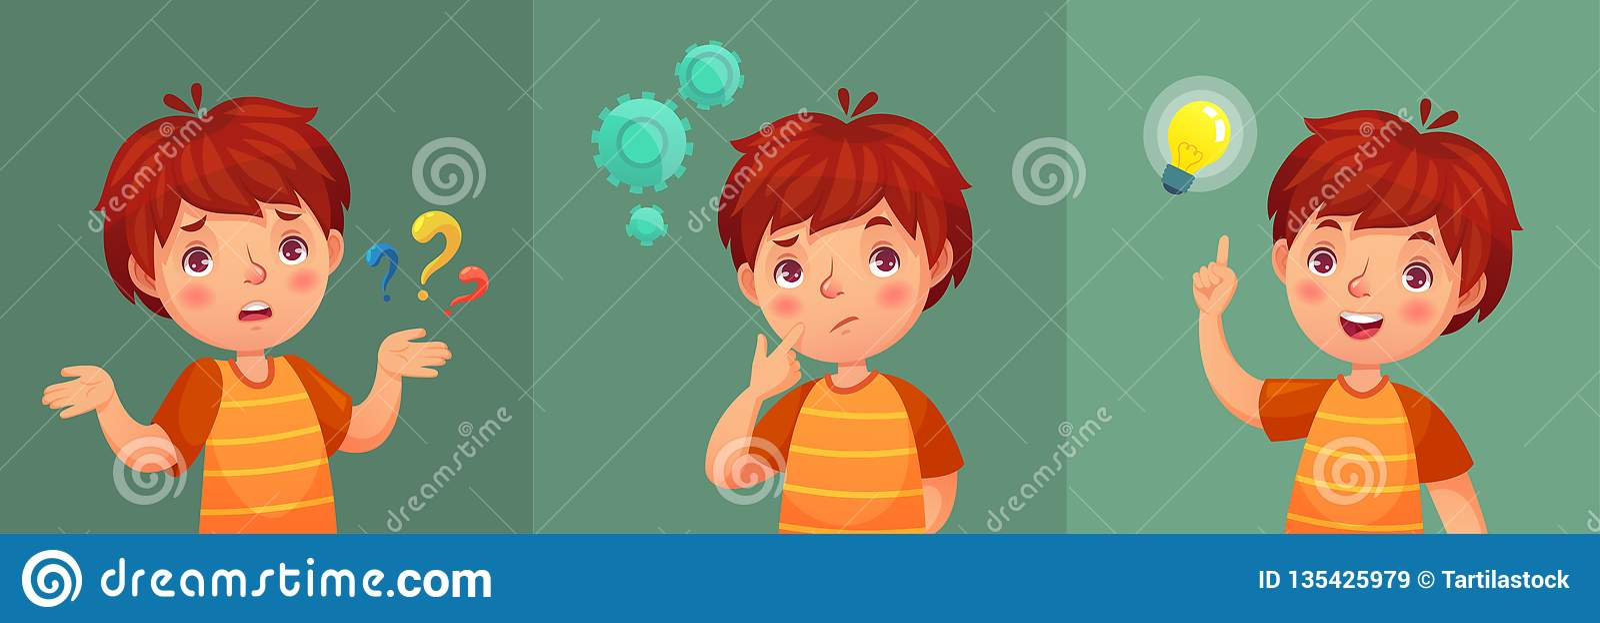 Вопрос о ребенка Внимательный молодой мальчик спрашивает вопрос, смущенный ребенк и понимает или нашел портрет вектора мультфильм